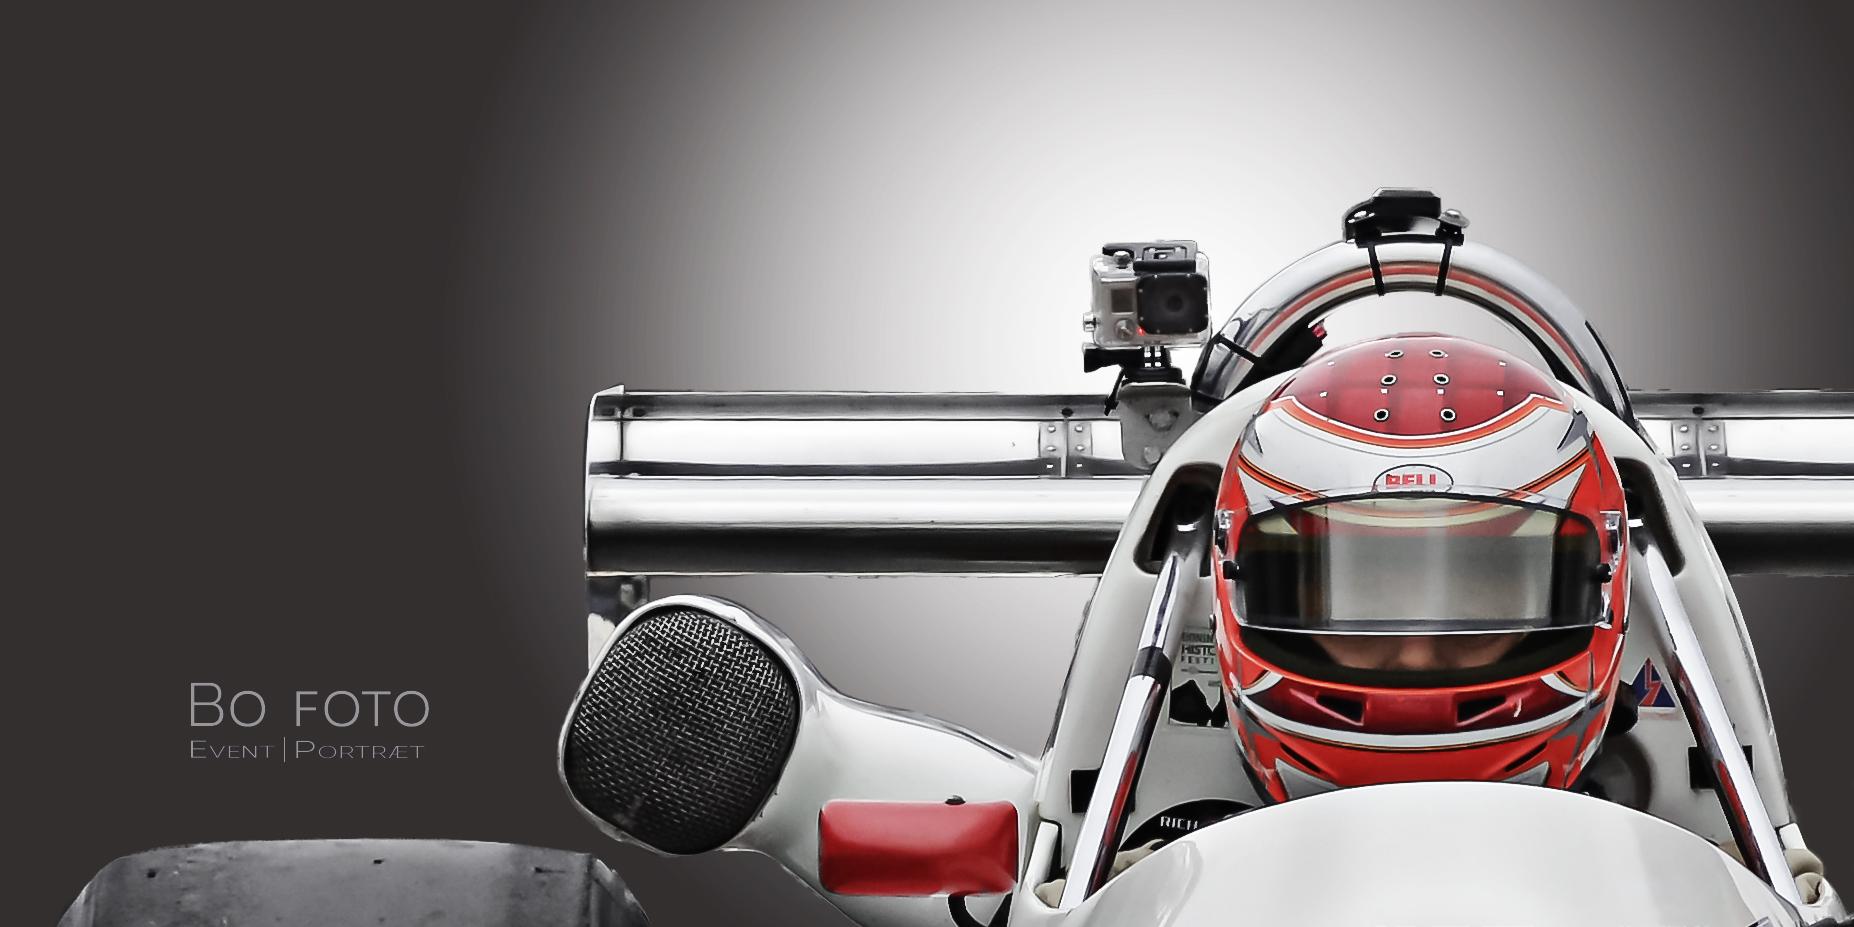 Formel 2 racer på Spa | Sport event